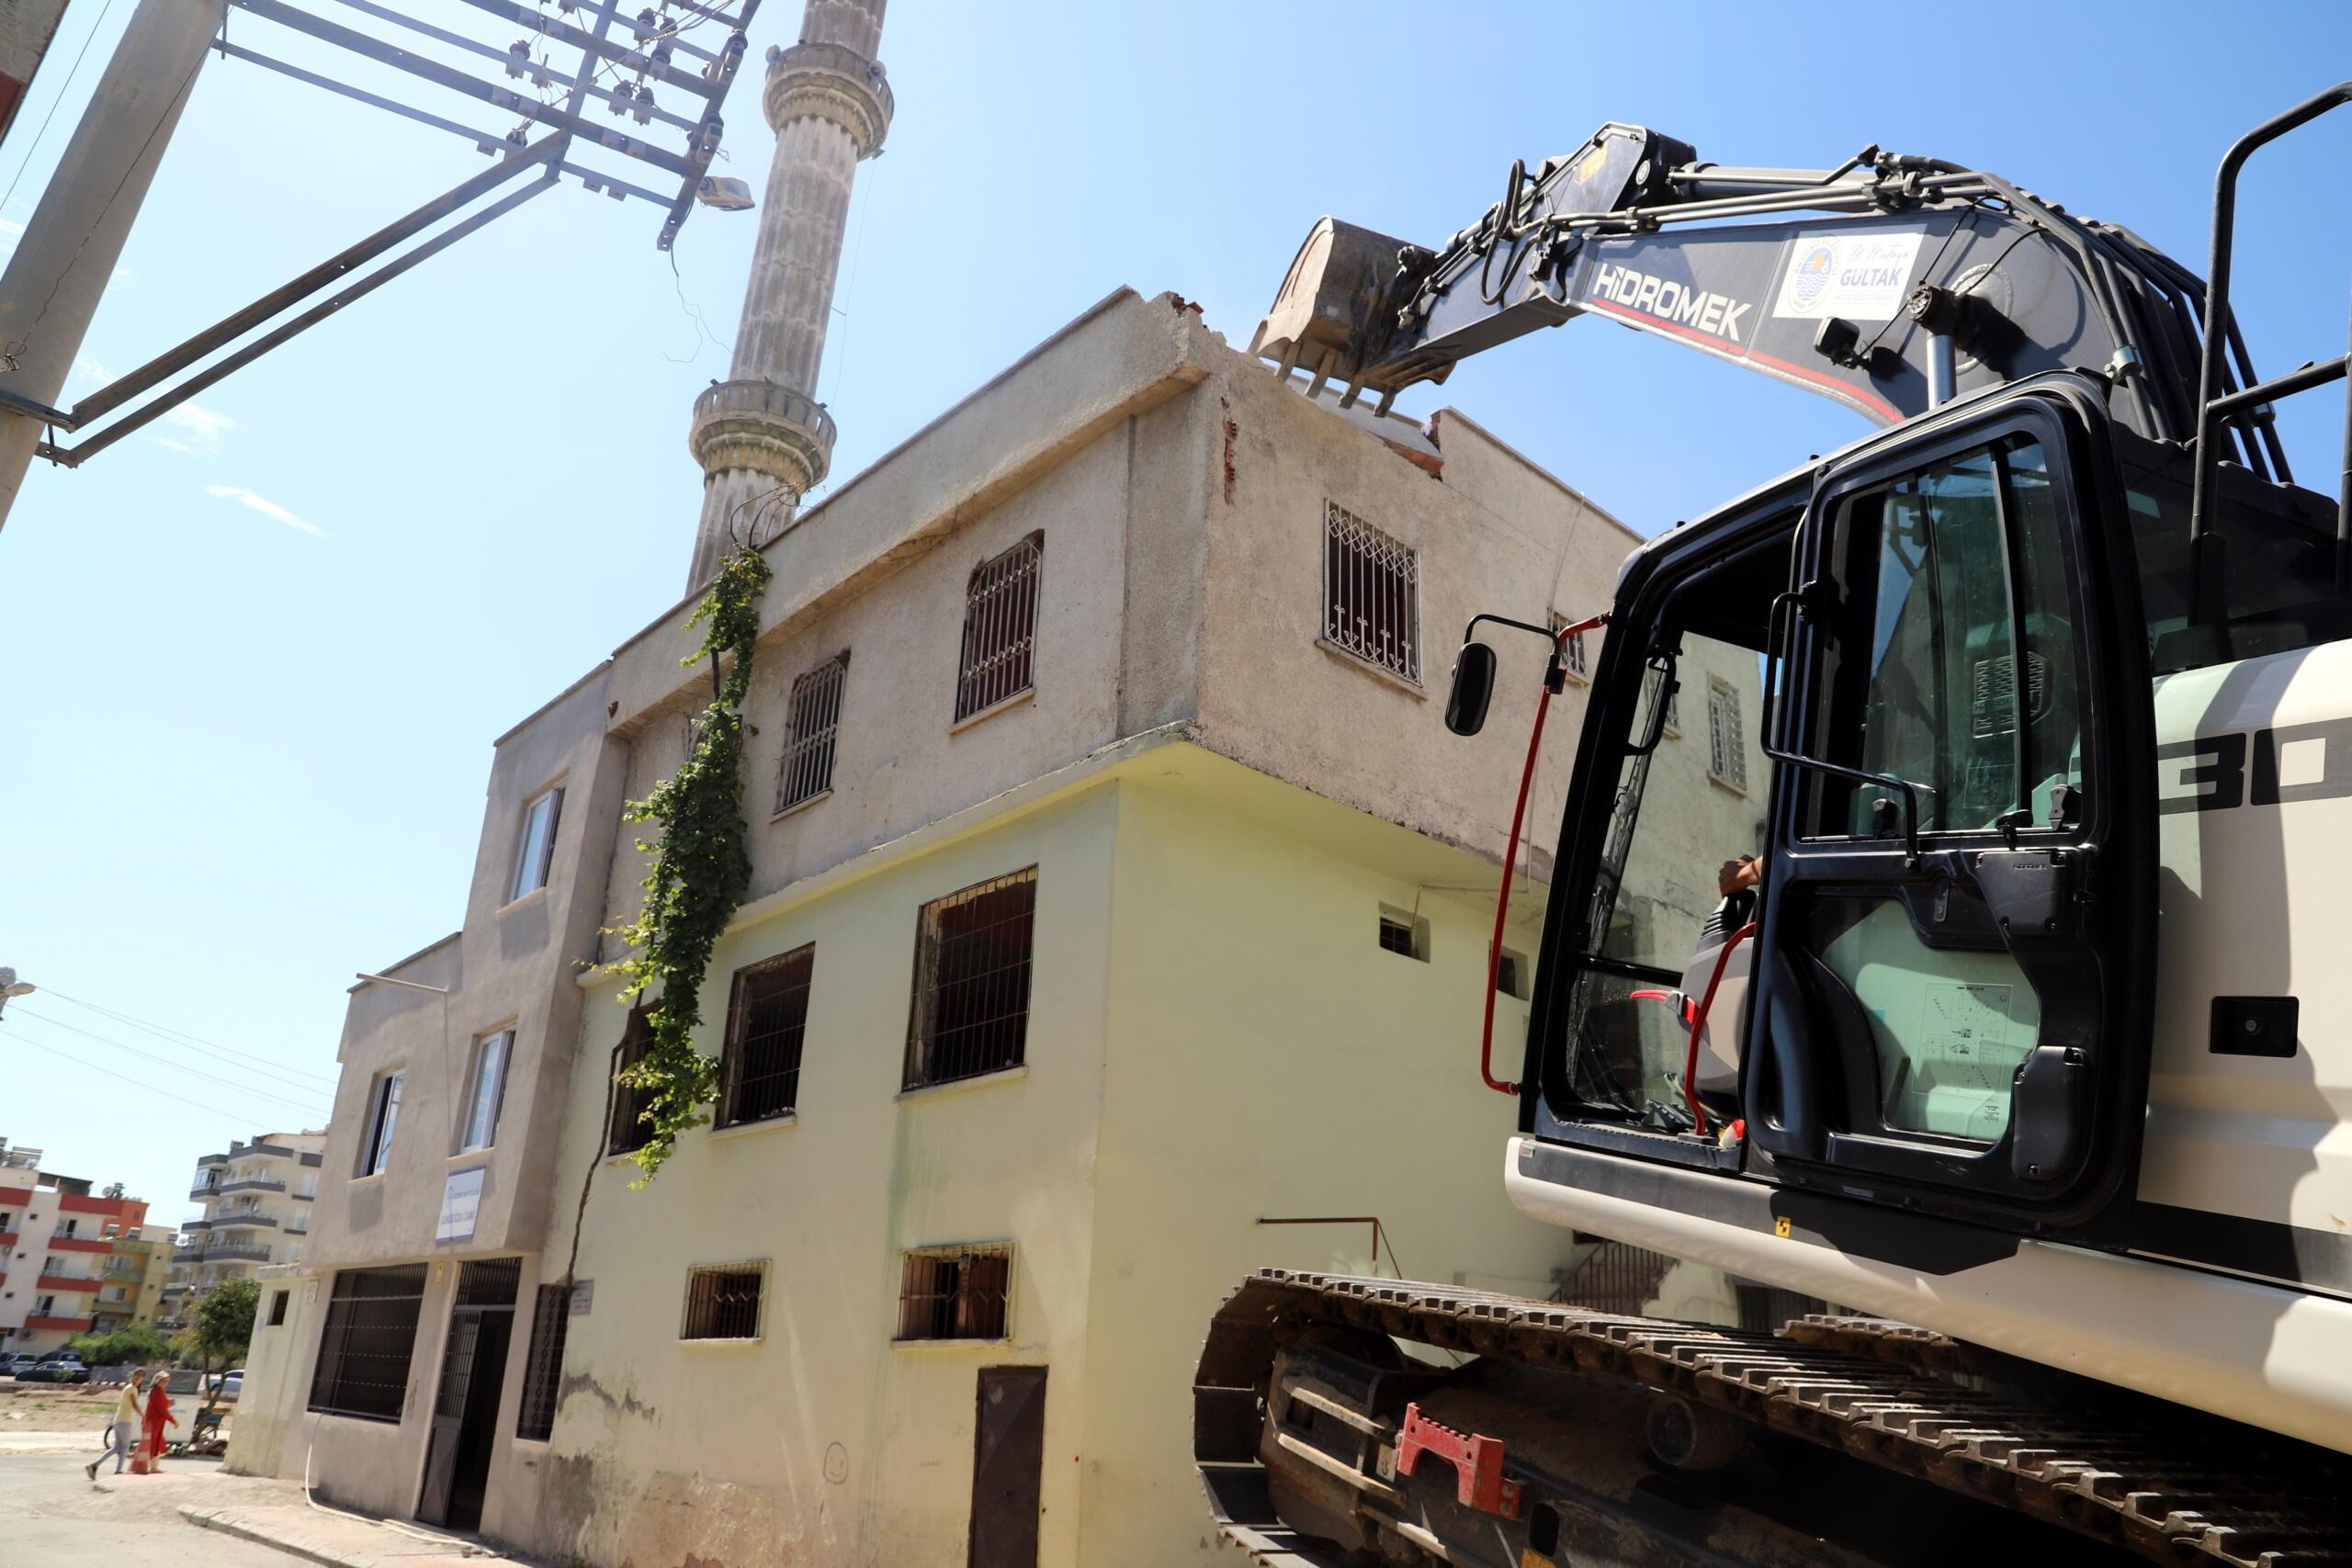 Gündoğdu ve Üç Ocak mahallelerinde terk edilmiş yapıların yıkımı gerçekleşti